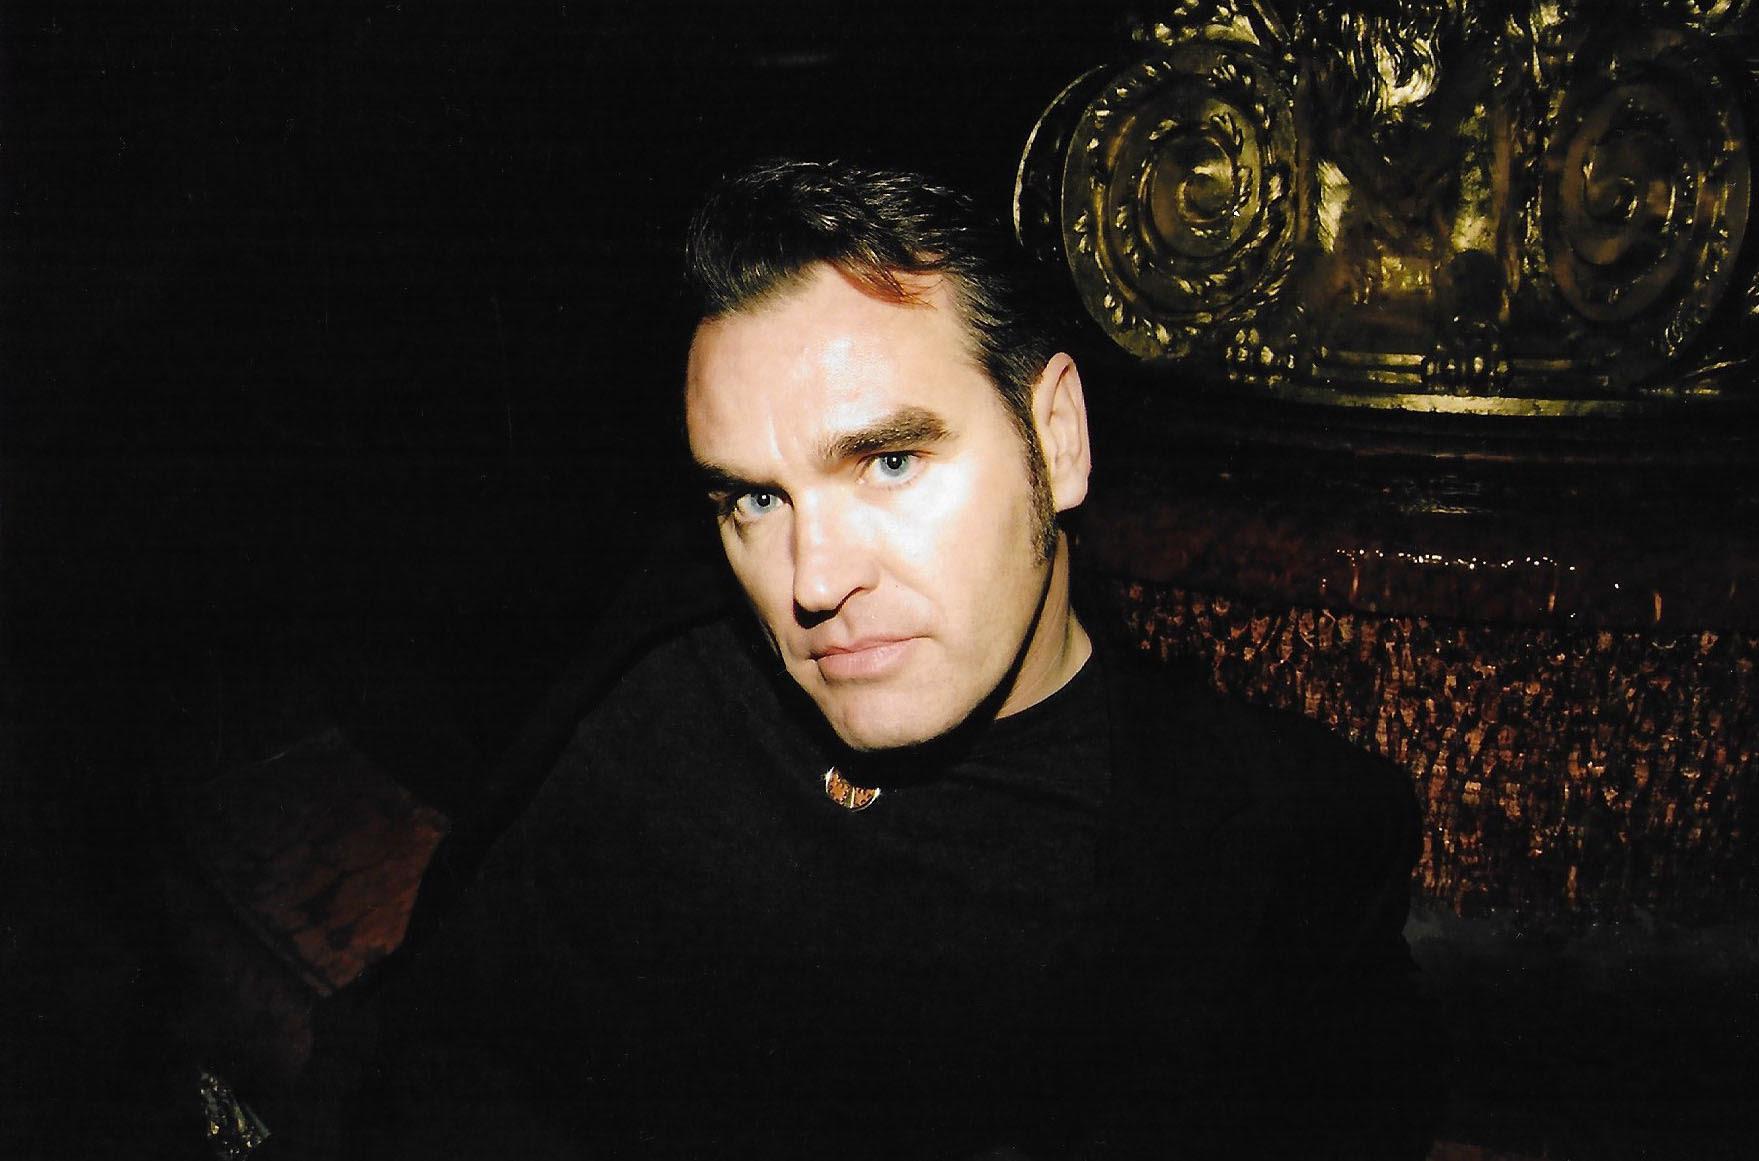 Morrissey Las Vegas Linder 1999 (ii).jpg